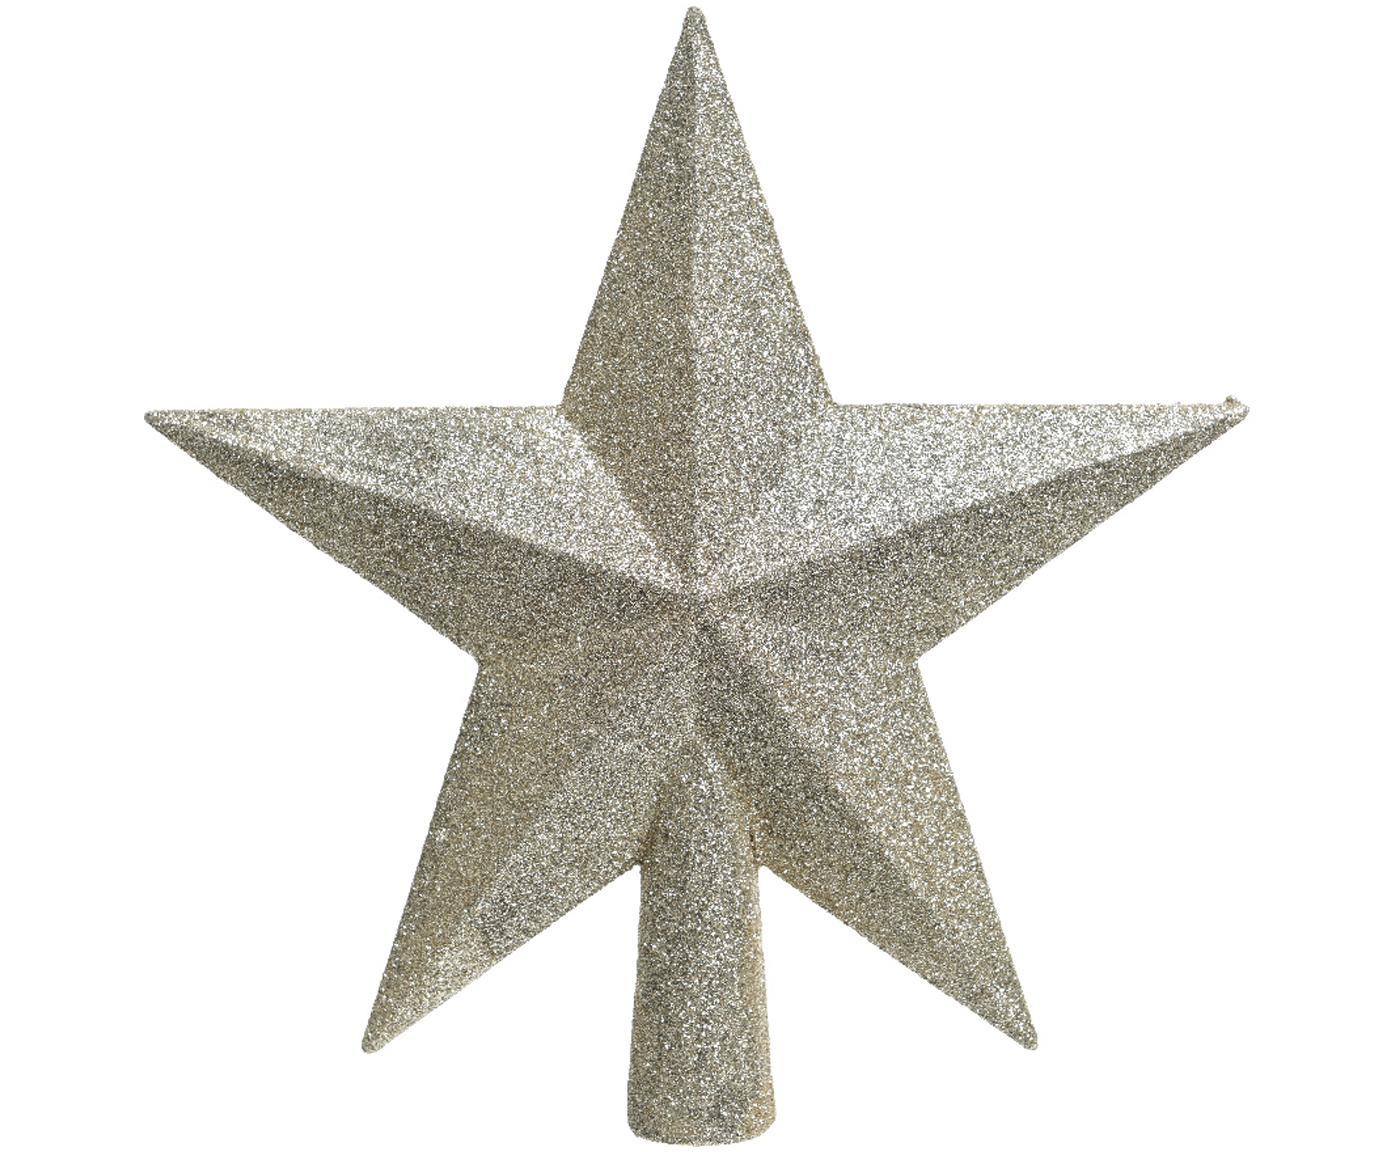 Puntale per albero Stern, Materiale sintetico, glitter, Crema, Larg. 19 x Alt. 19 cm